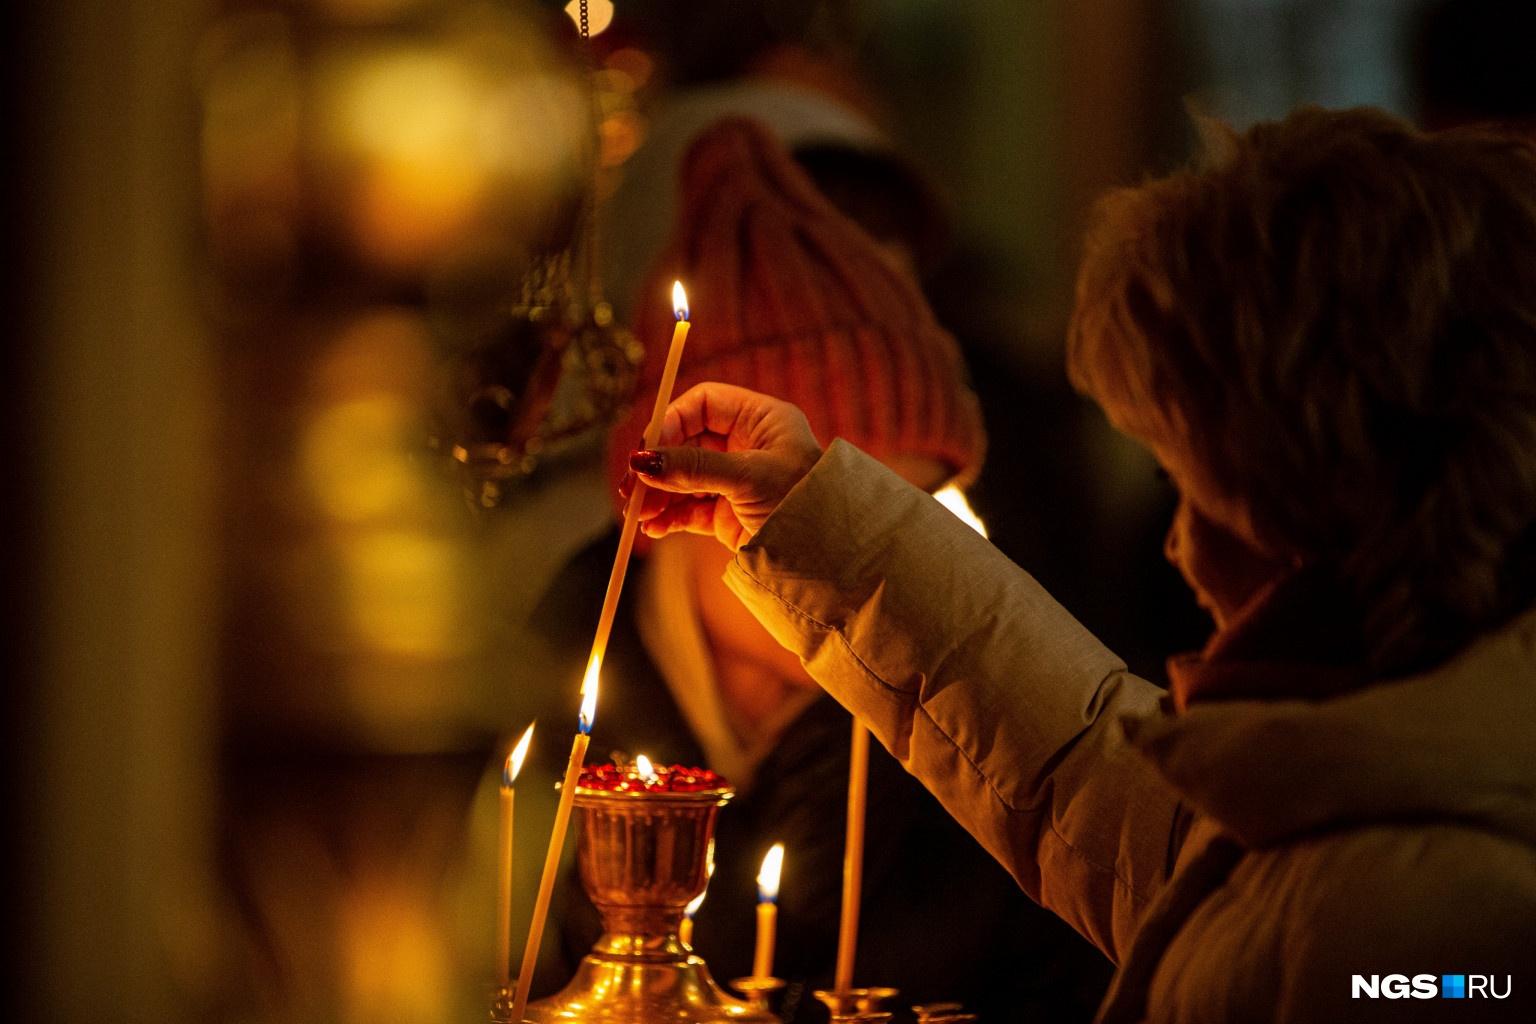 Сегодня верующие вспоминают, как Иисус Христос пришёл в этот мир